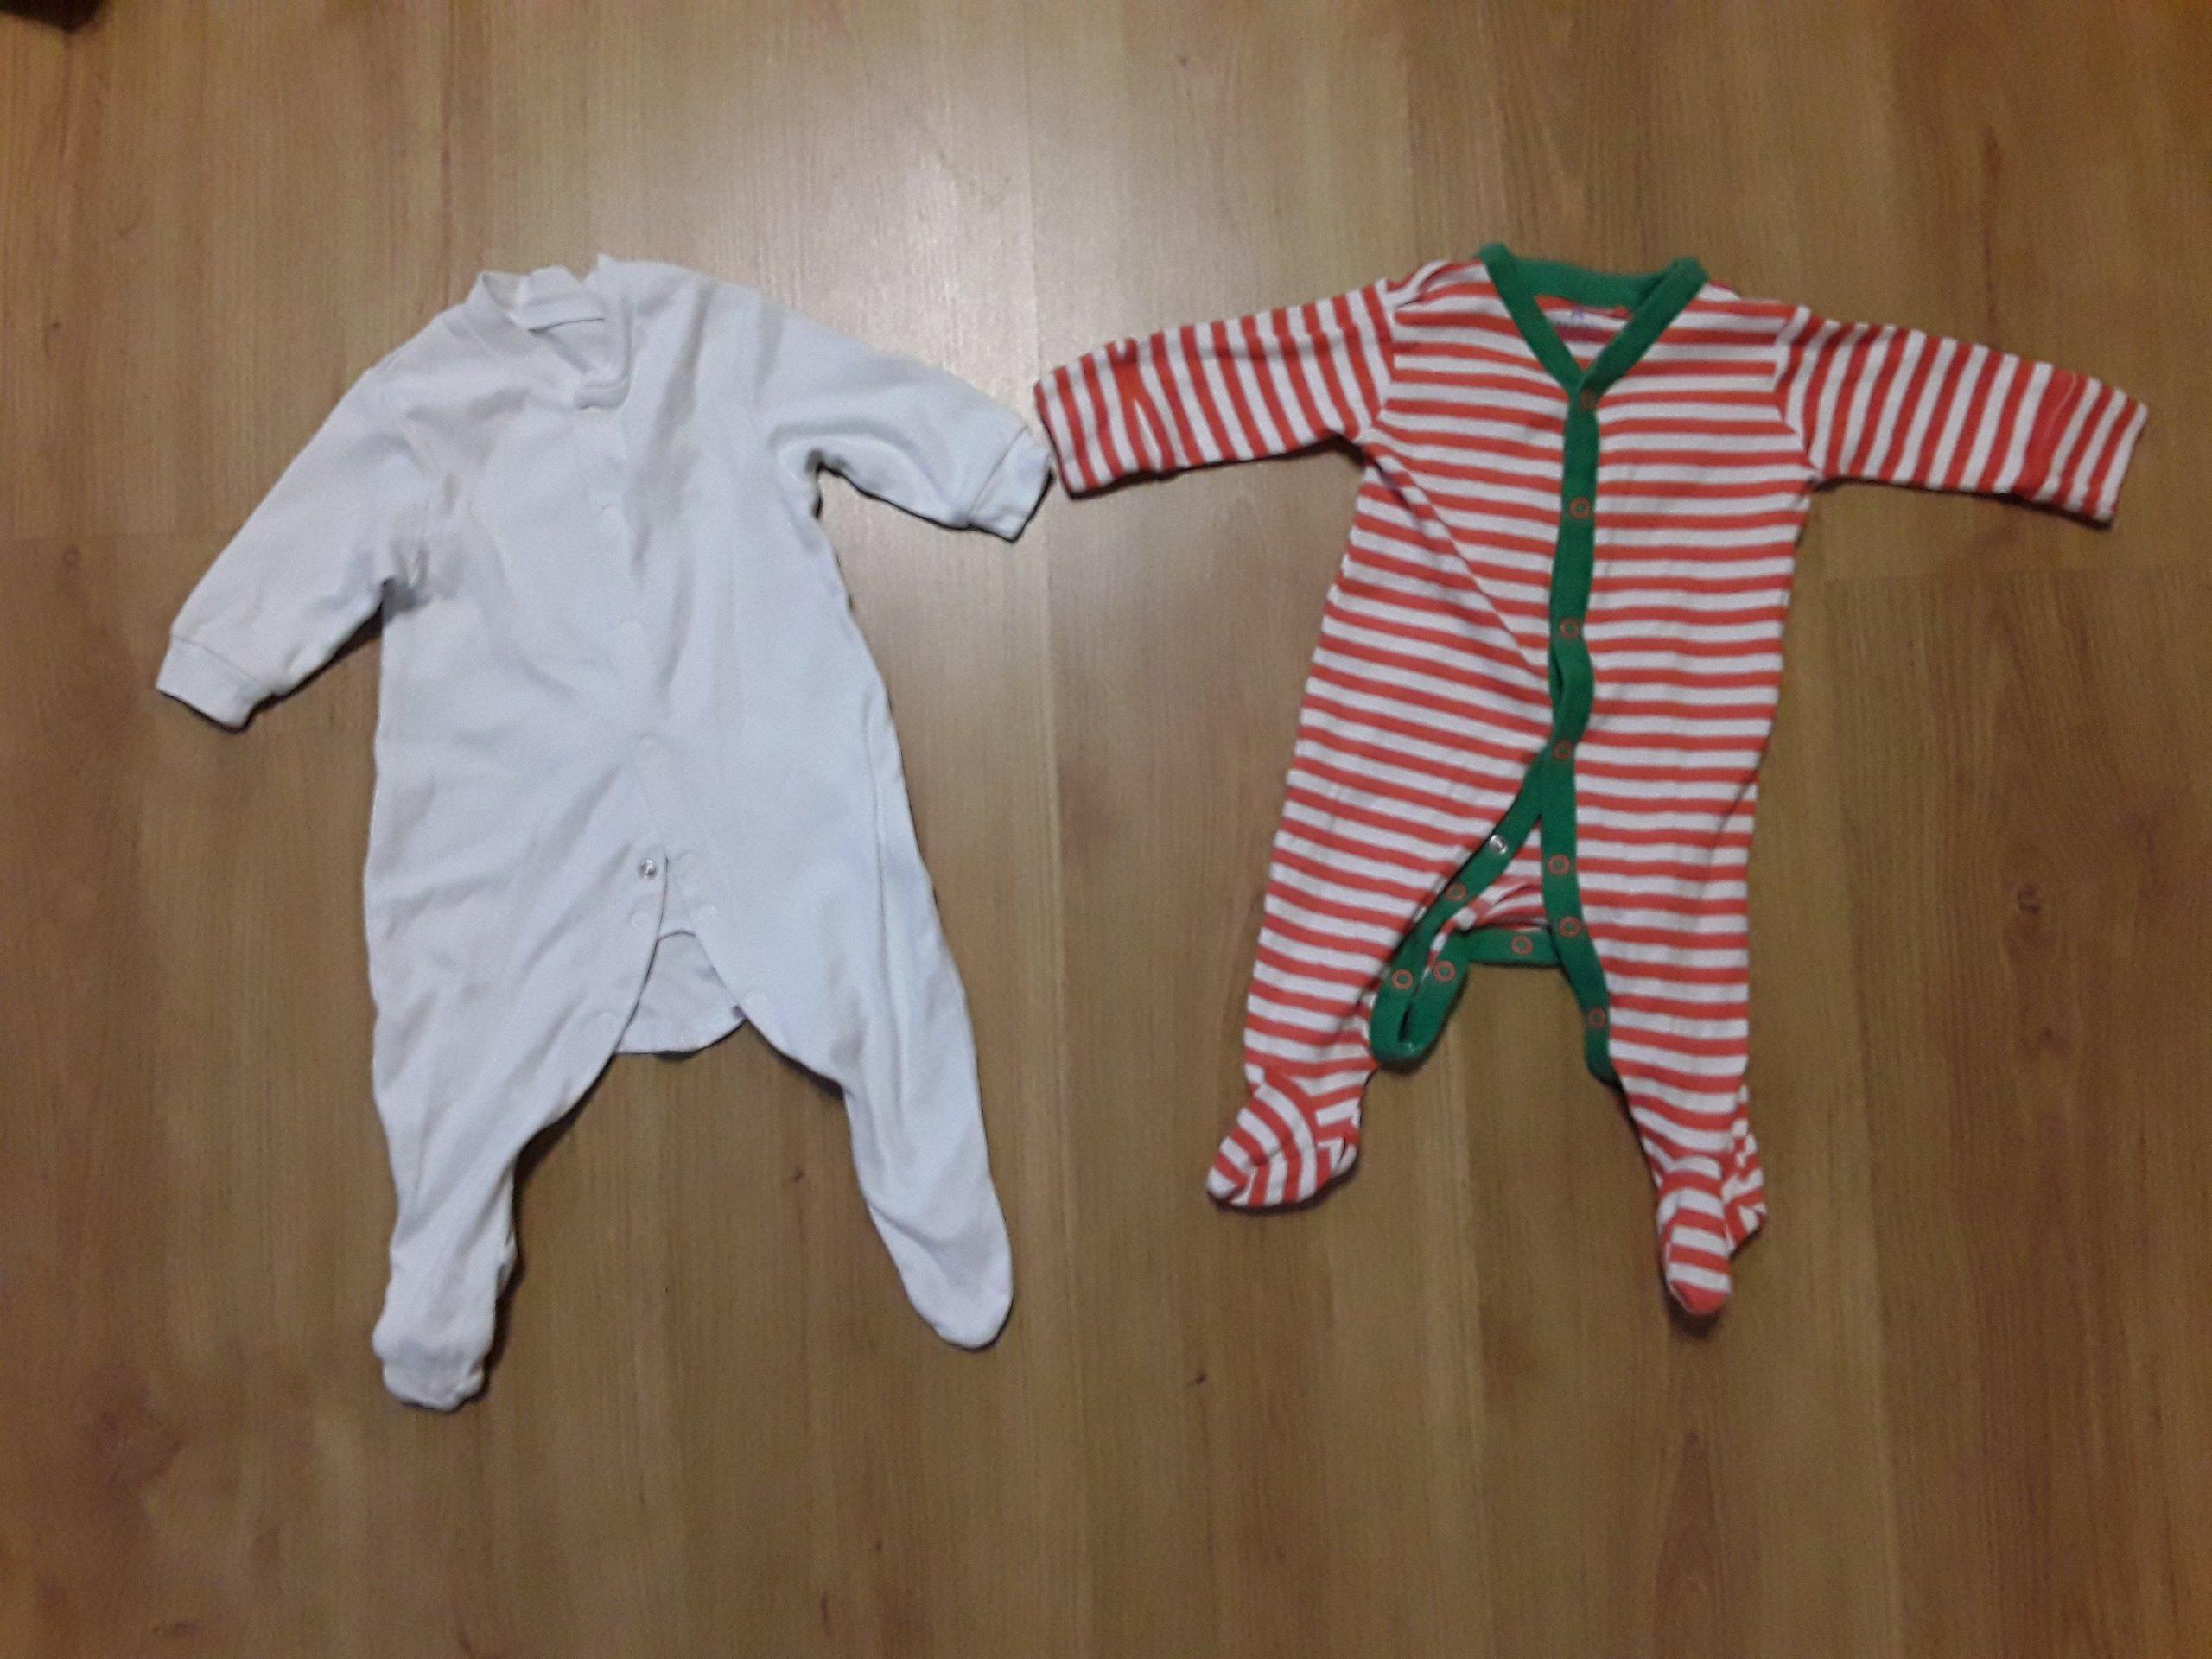 89bb7eafa0 Pajace pajacyki dla niemowlaka 4 szt 0-3m paka - 7169770409 ...